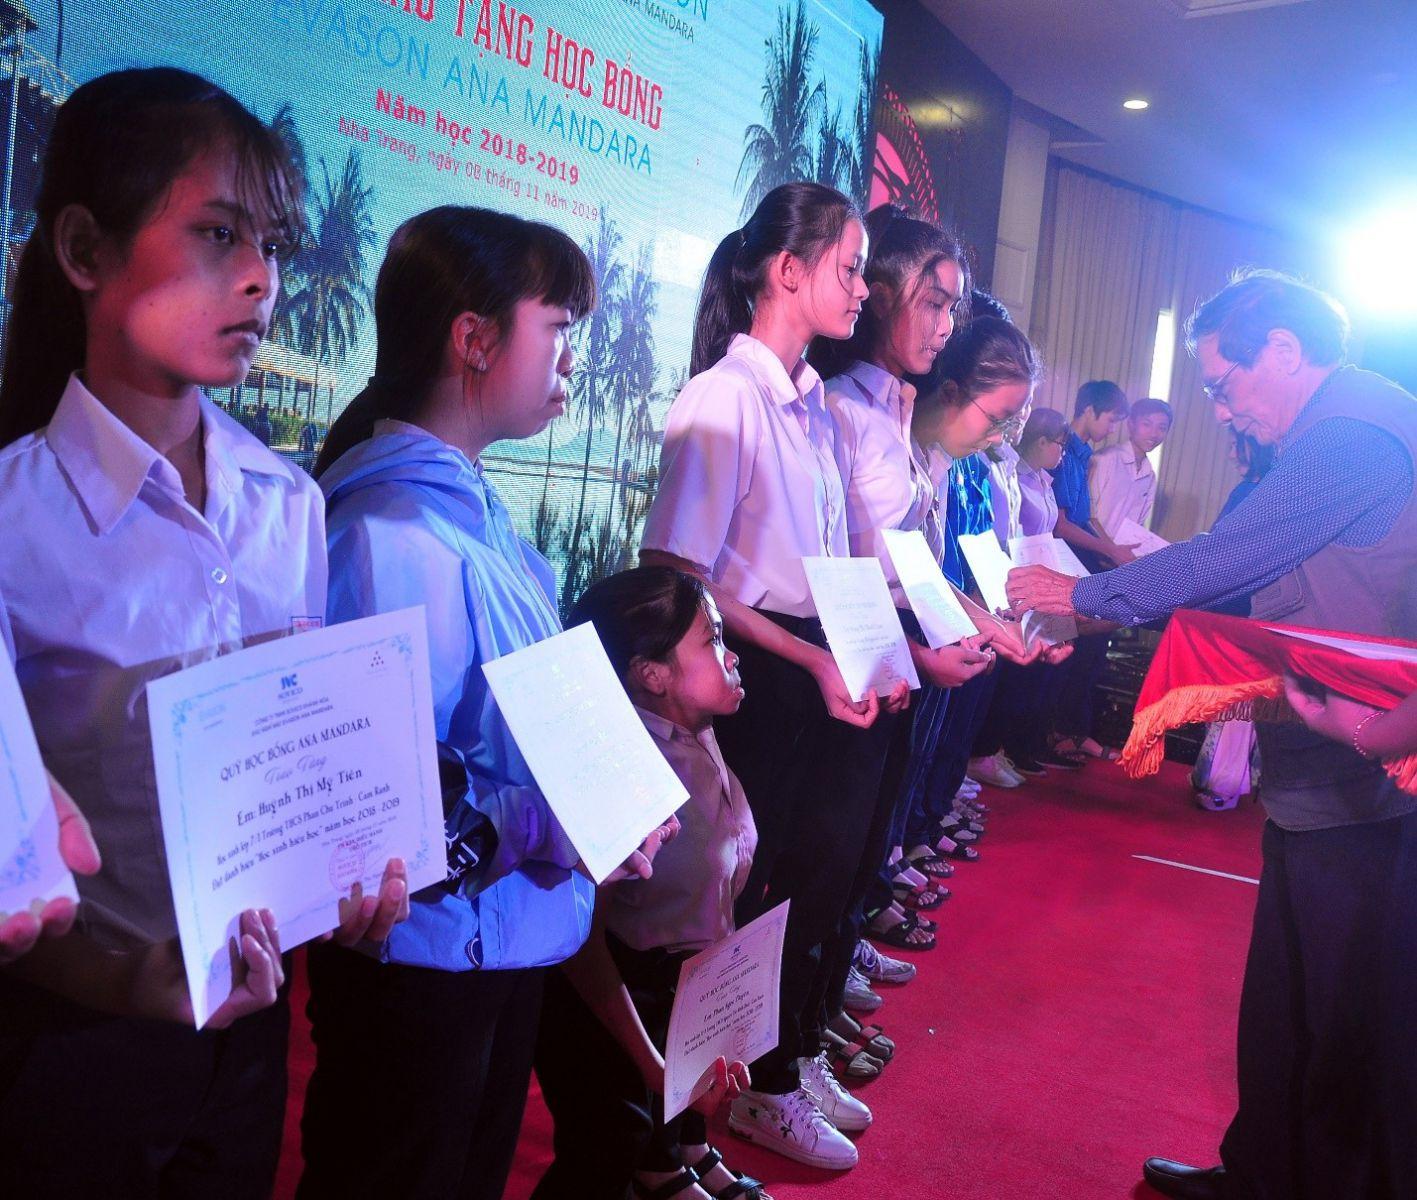 Ông Lê Thế Sương, Chủ tịch CLB Hưu Trí Khánh Hòa trao học bổng cho Học sinh Trung học Phổ Thông